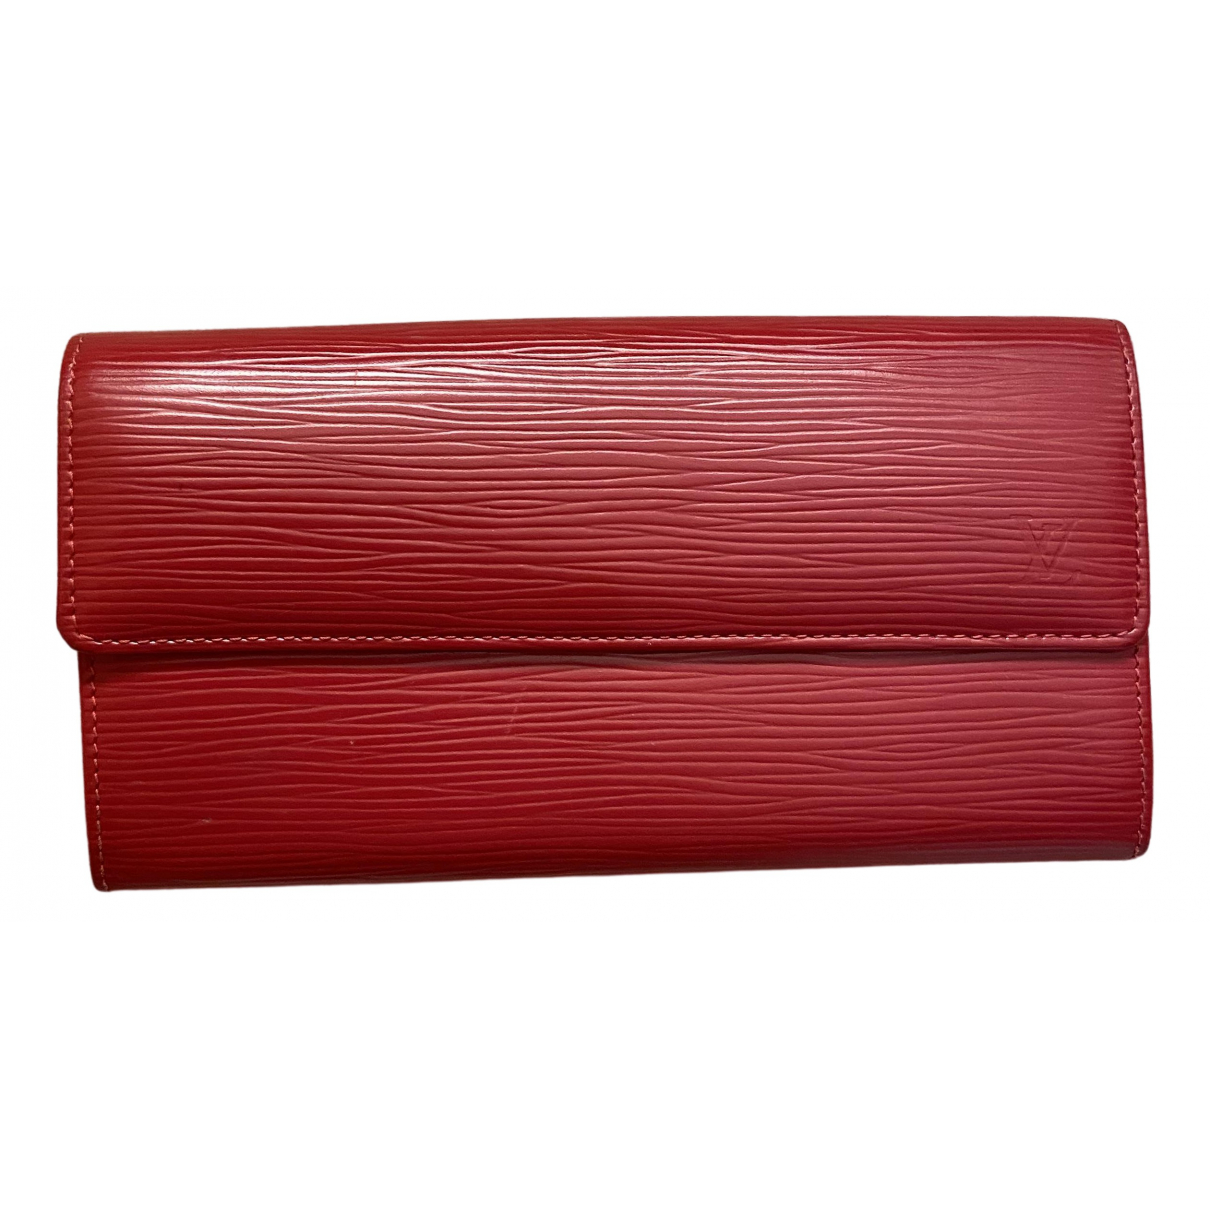 Louis Vuitton - Portefeuille Virtuose pour femme en cuir - rouge